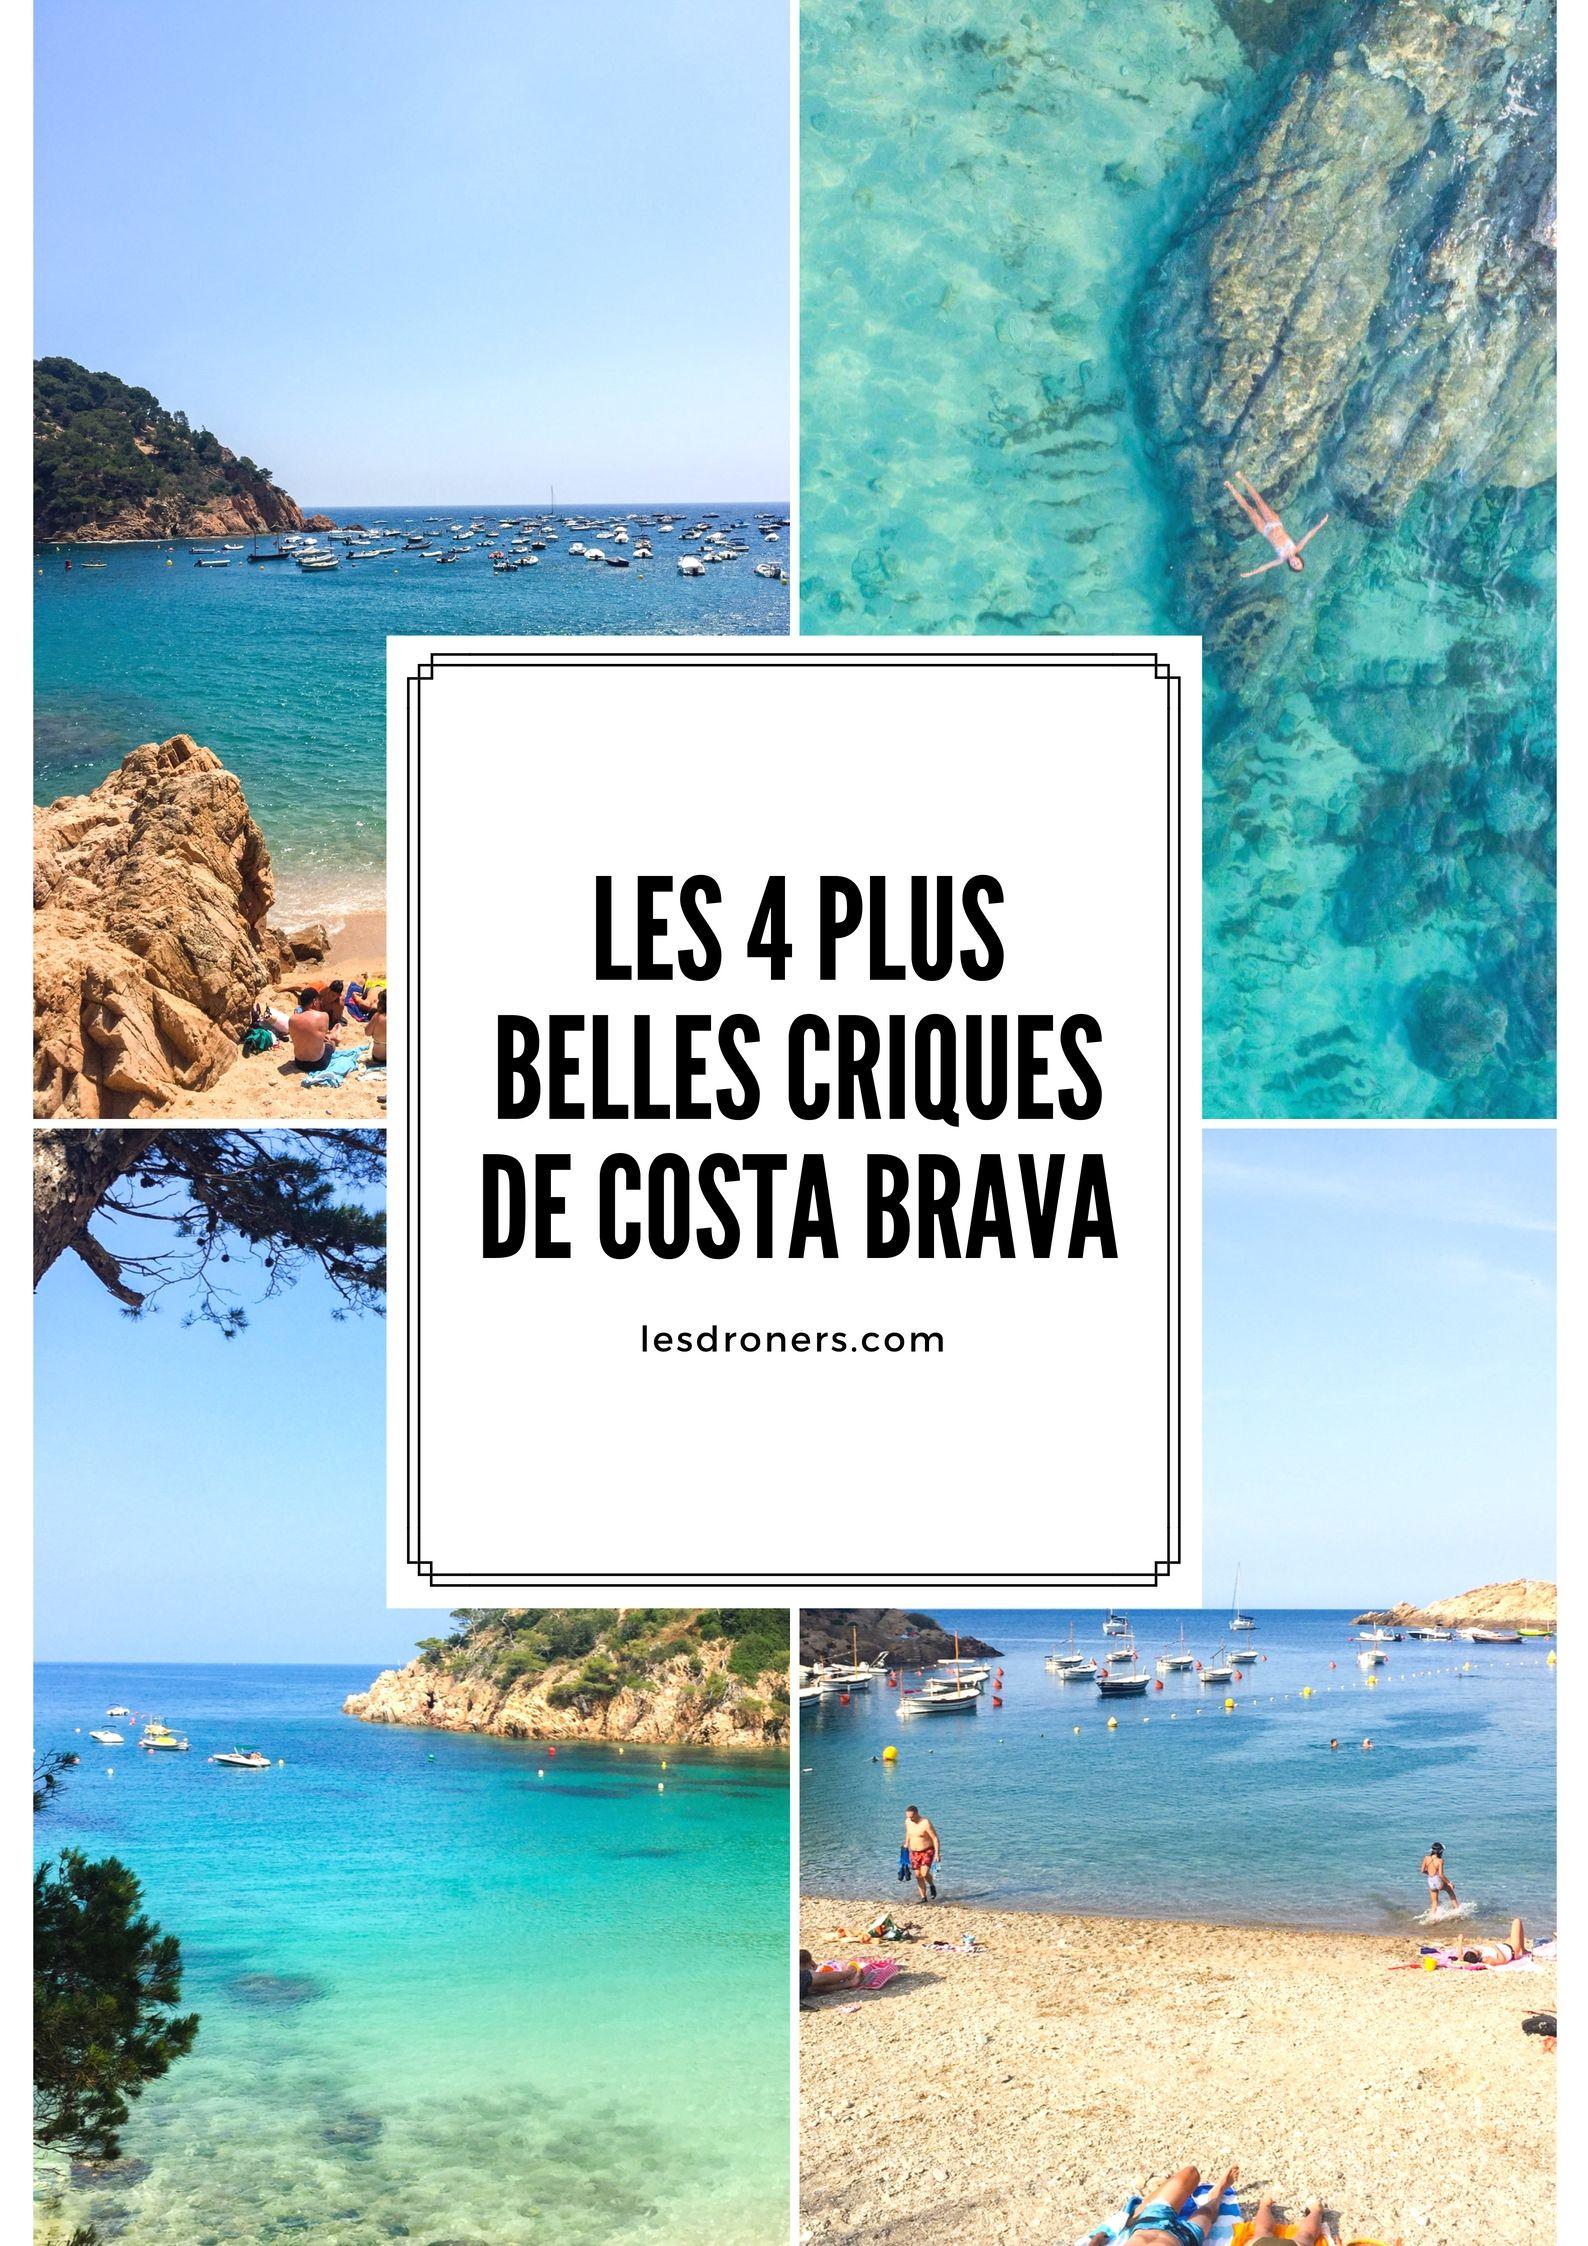 Les Plus Belles Criques De La Costa Brava Plage Espagne Espagne Costa Brava Begur Espagne